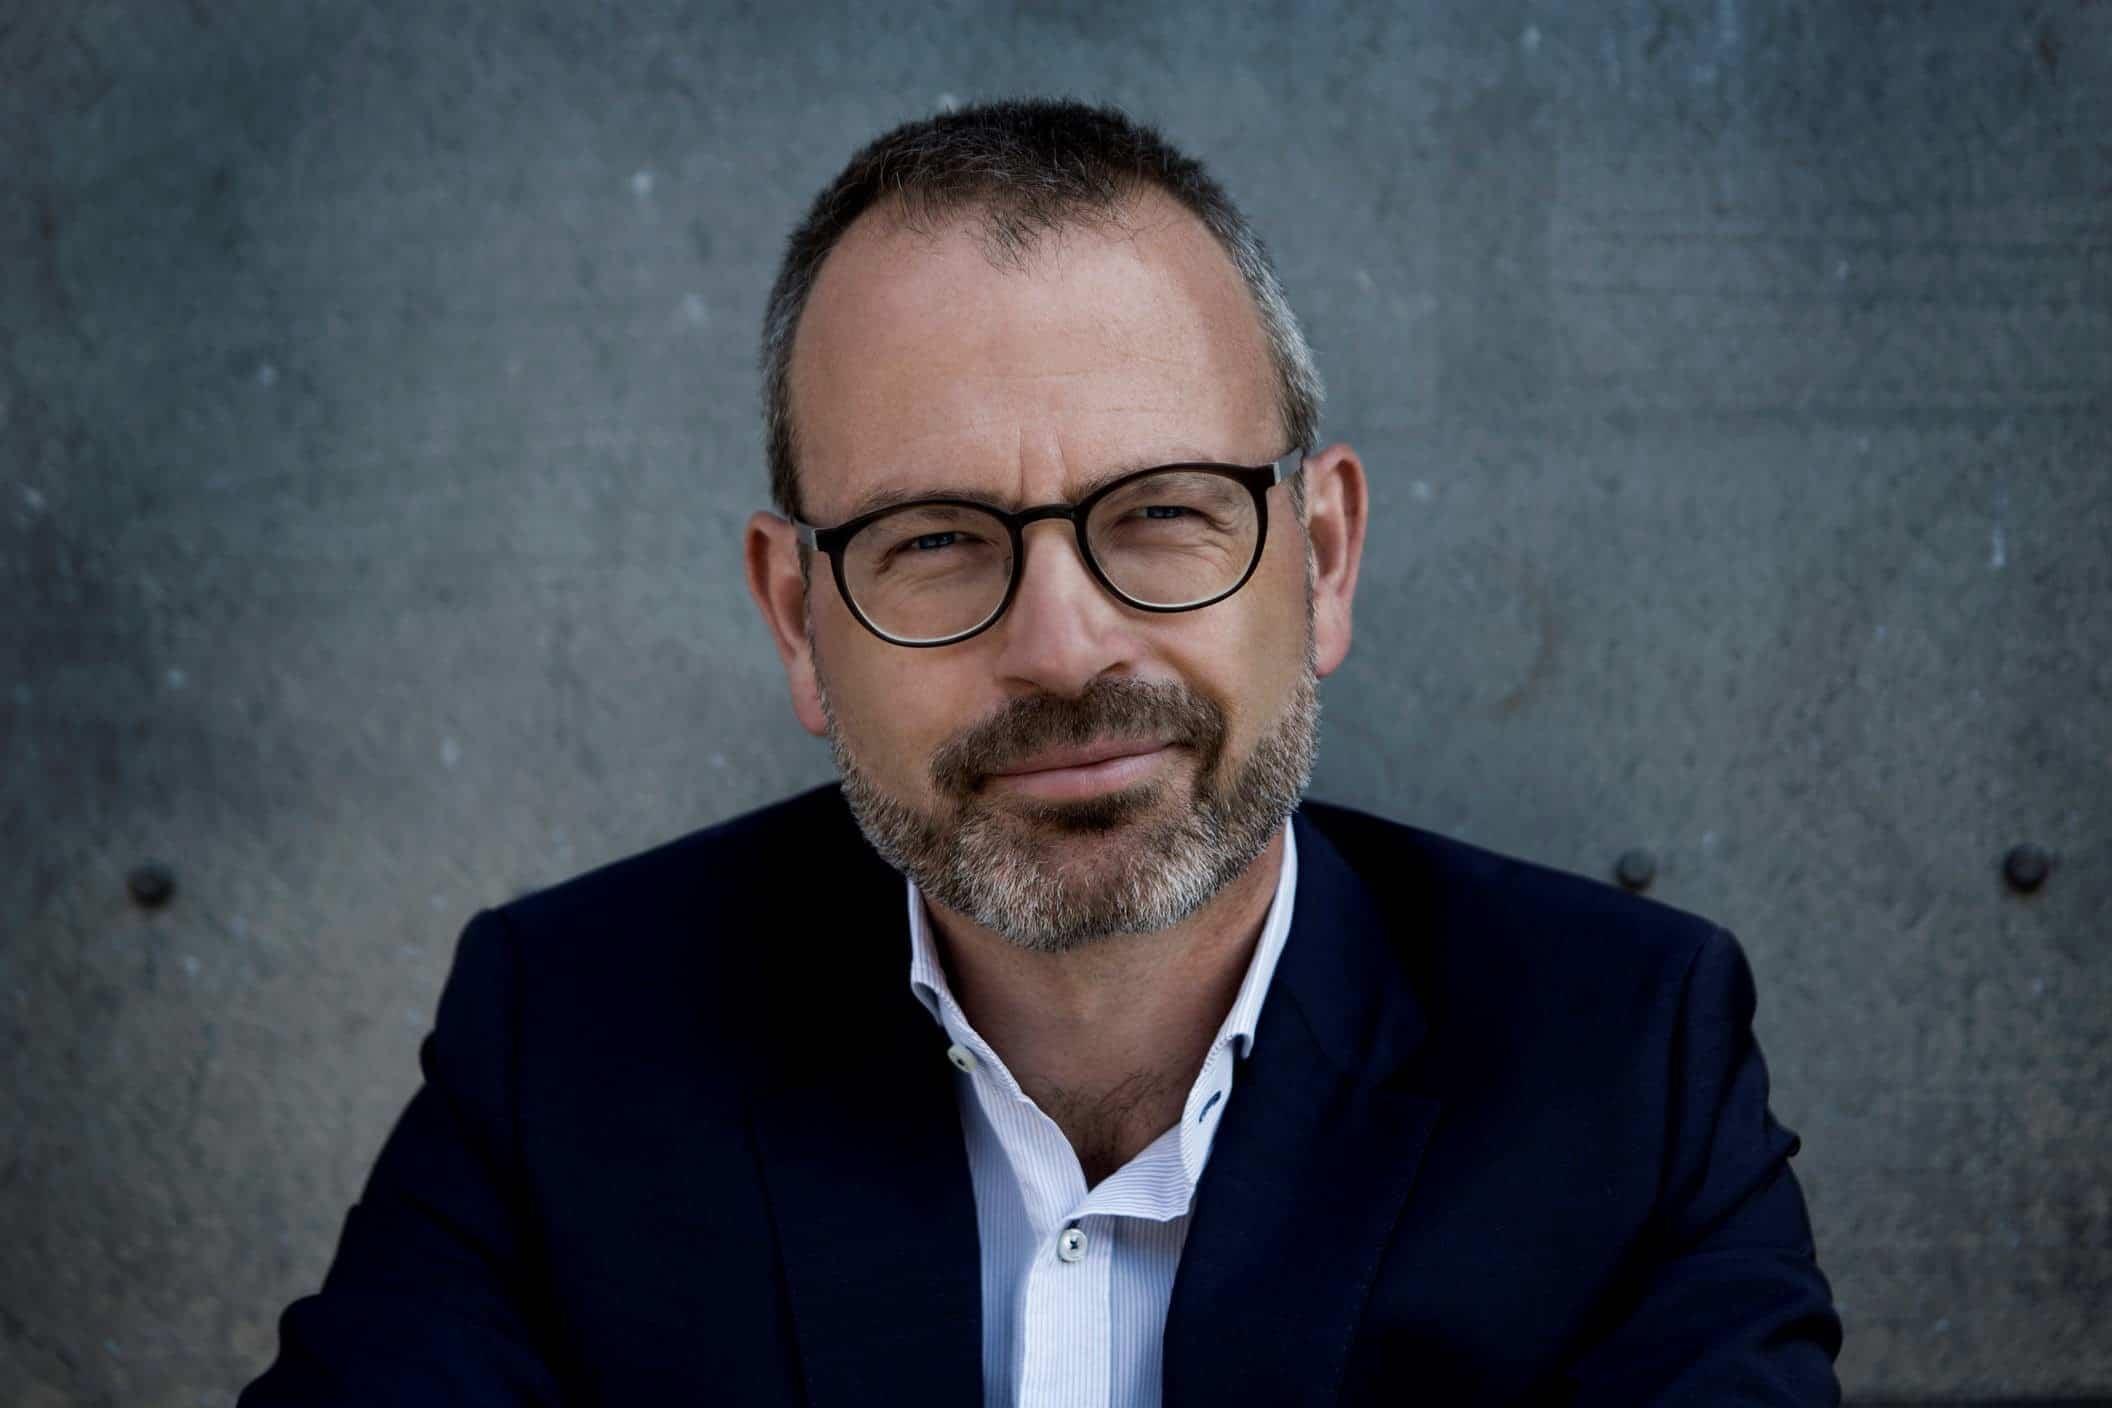 Søren Bregenholt portrait